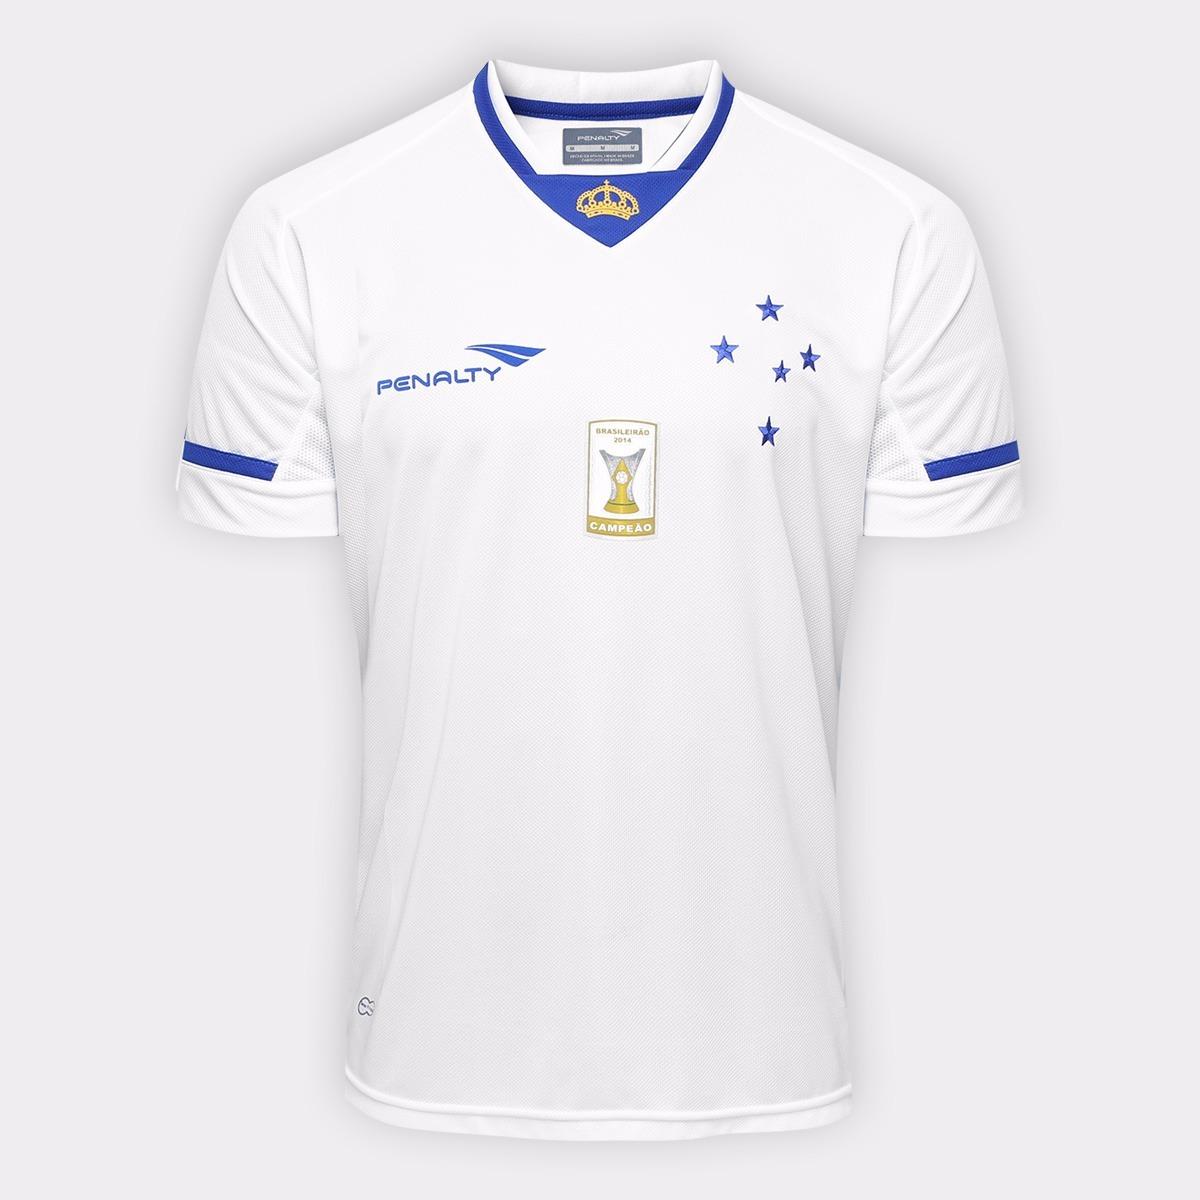 oferta! camisa oficial penalty cruzeiro - 2015 - com escudo. Carregando zoom . 25f907547a98b